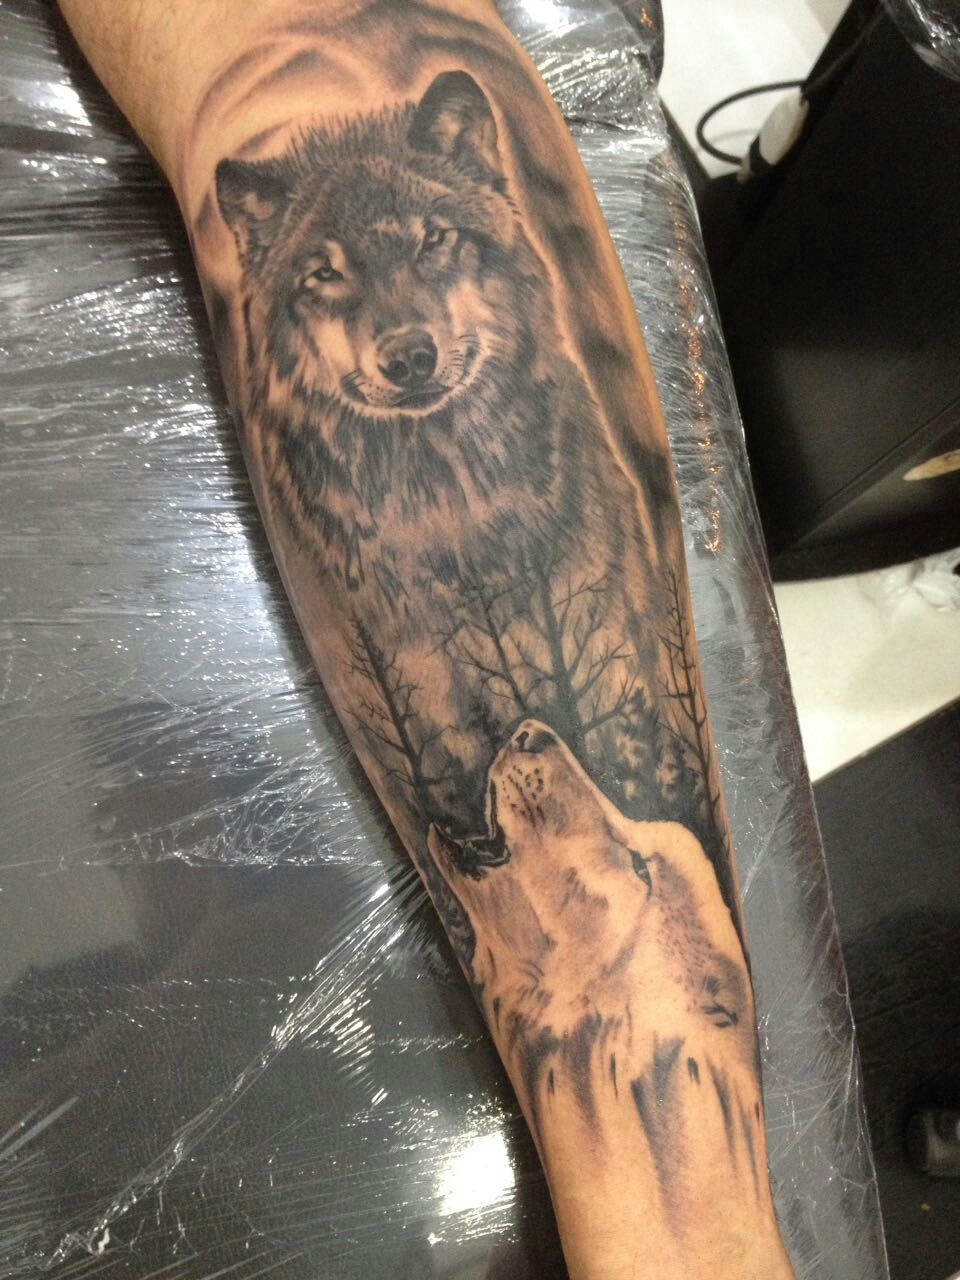 Tattoo Lobo Perna Panturrilha Lobo Tatuagem Tattoos Lobo